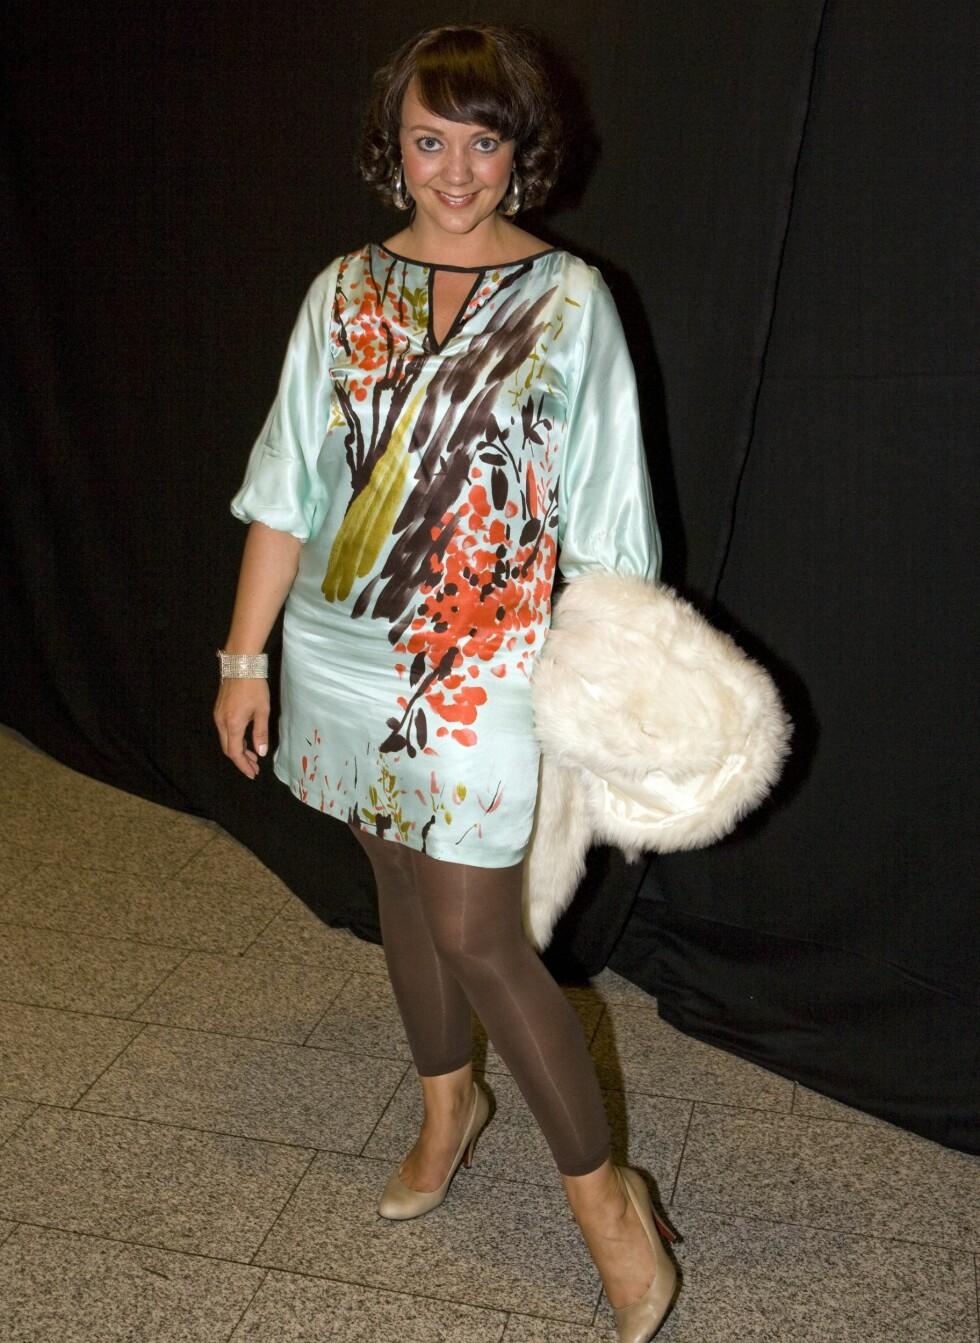 Marianne Westby, kjent fra Hotel Cæsar, kom i kjole fra Zara, sko fra Wedins og pels fra Vila.